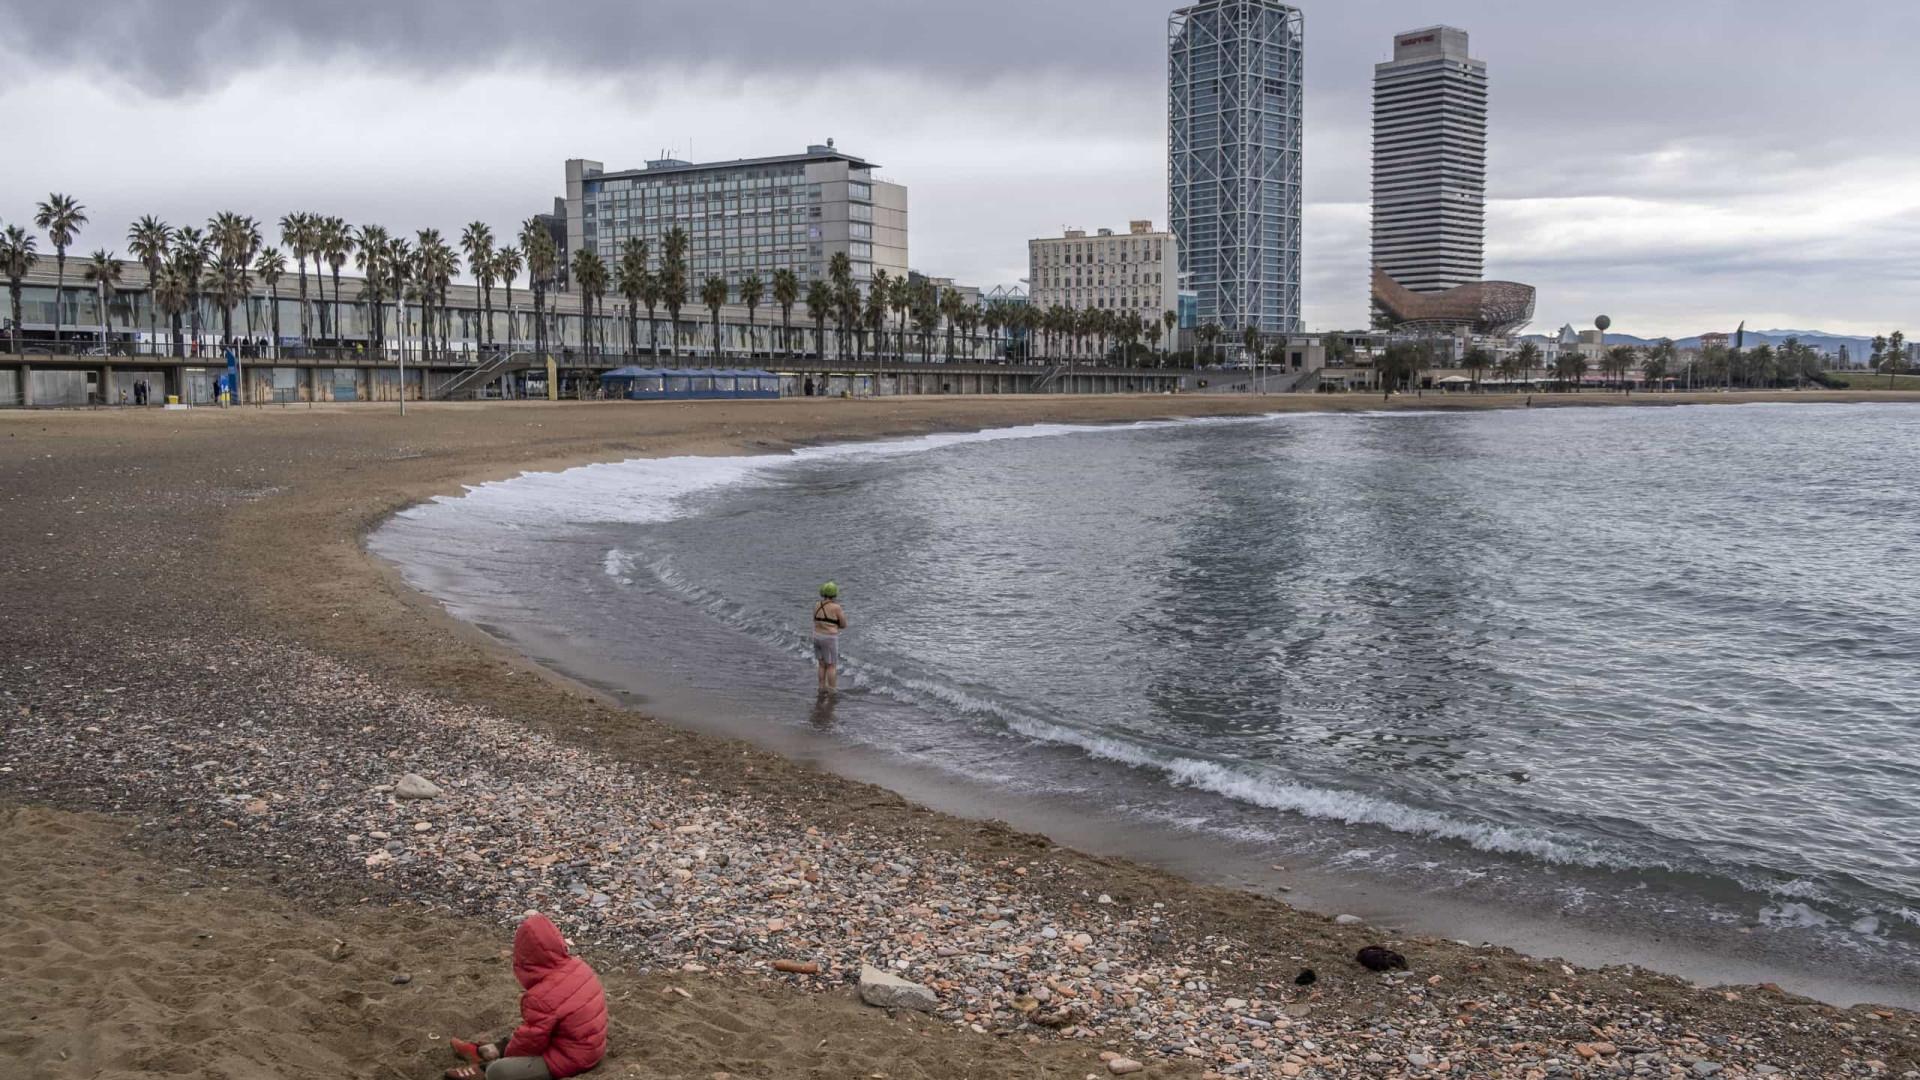 Fumar vai ser proibido em quatro praias de Barcelona já este verão